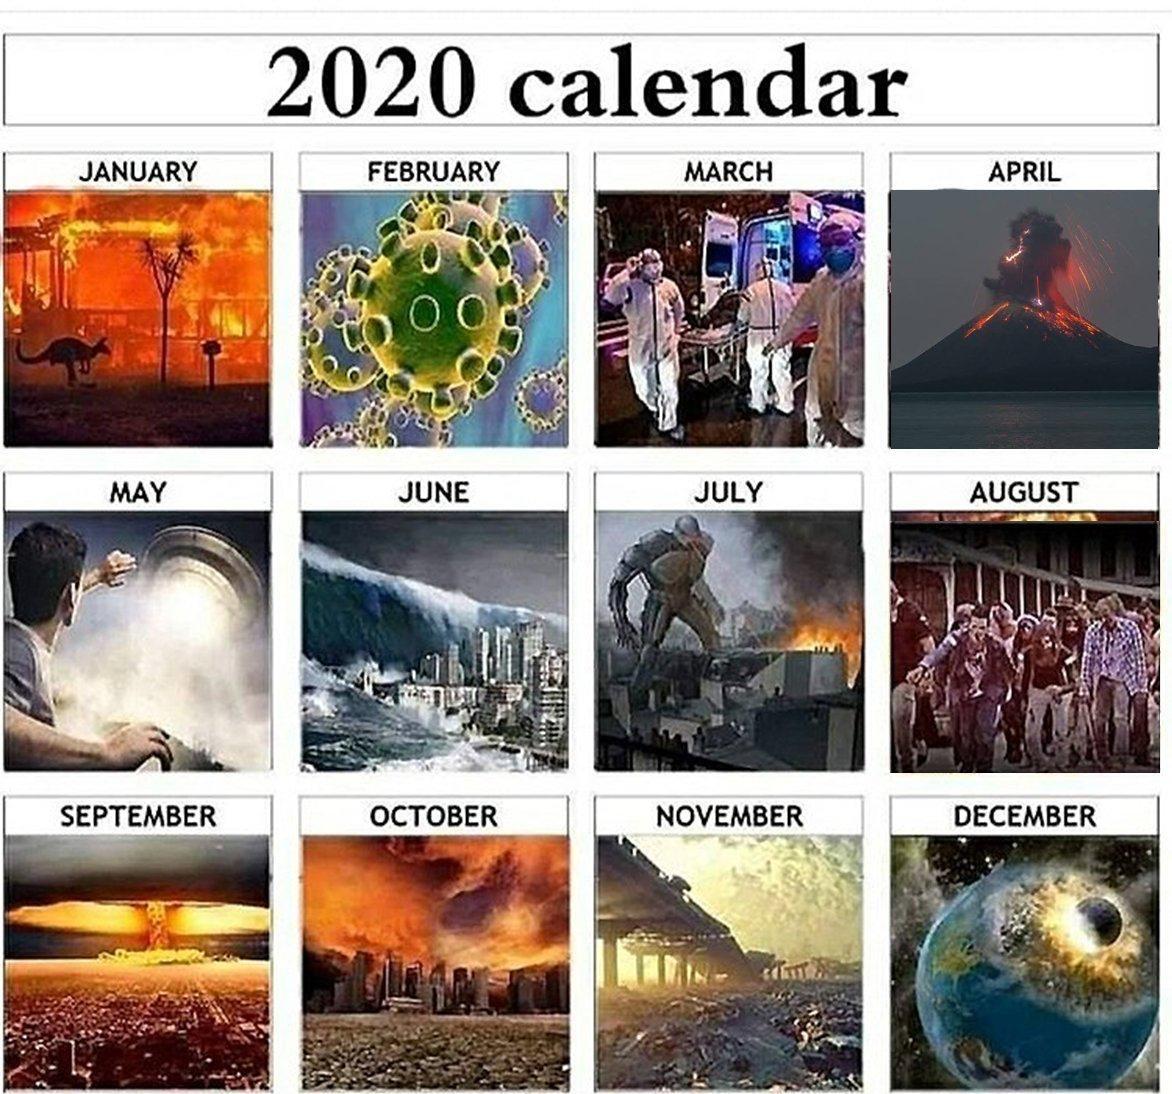 Bueno, pues ya se ha filtrado el calendario completo de desastres para 2020